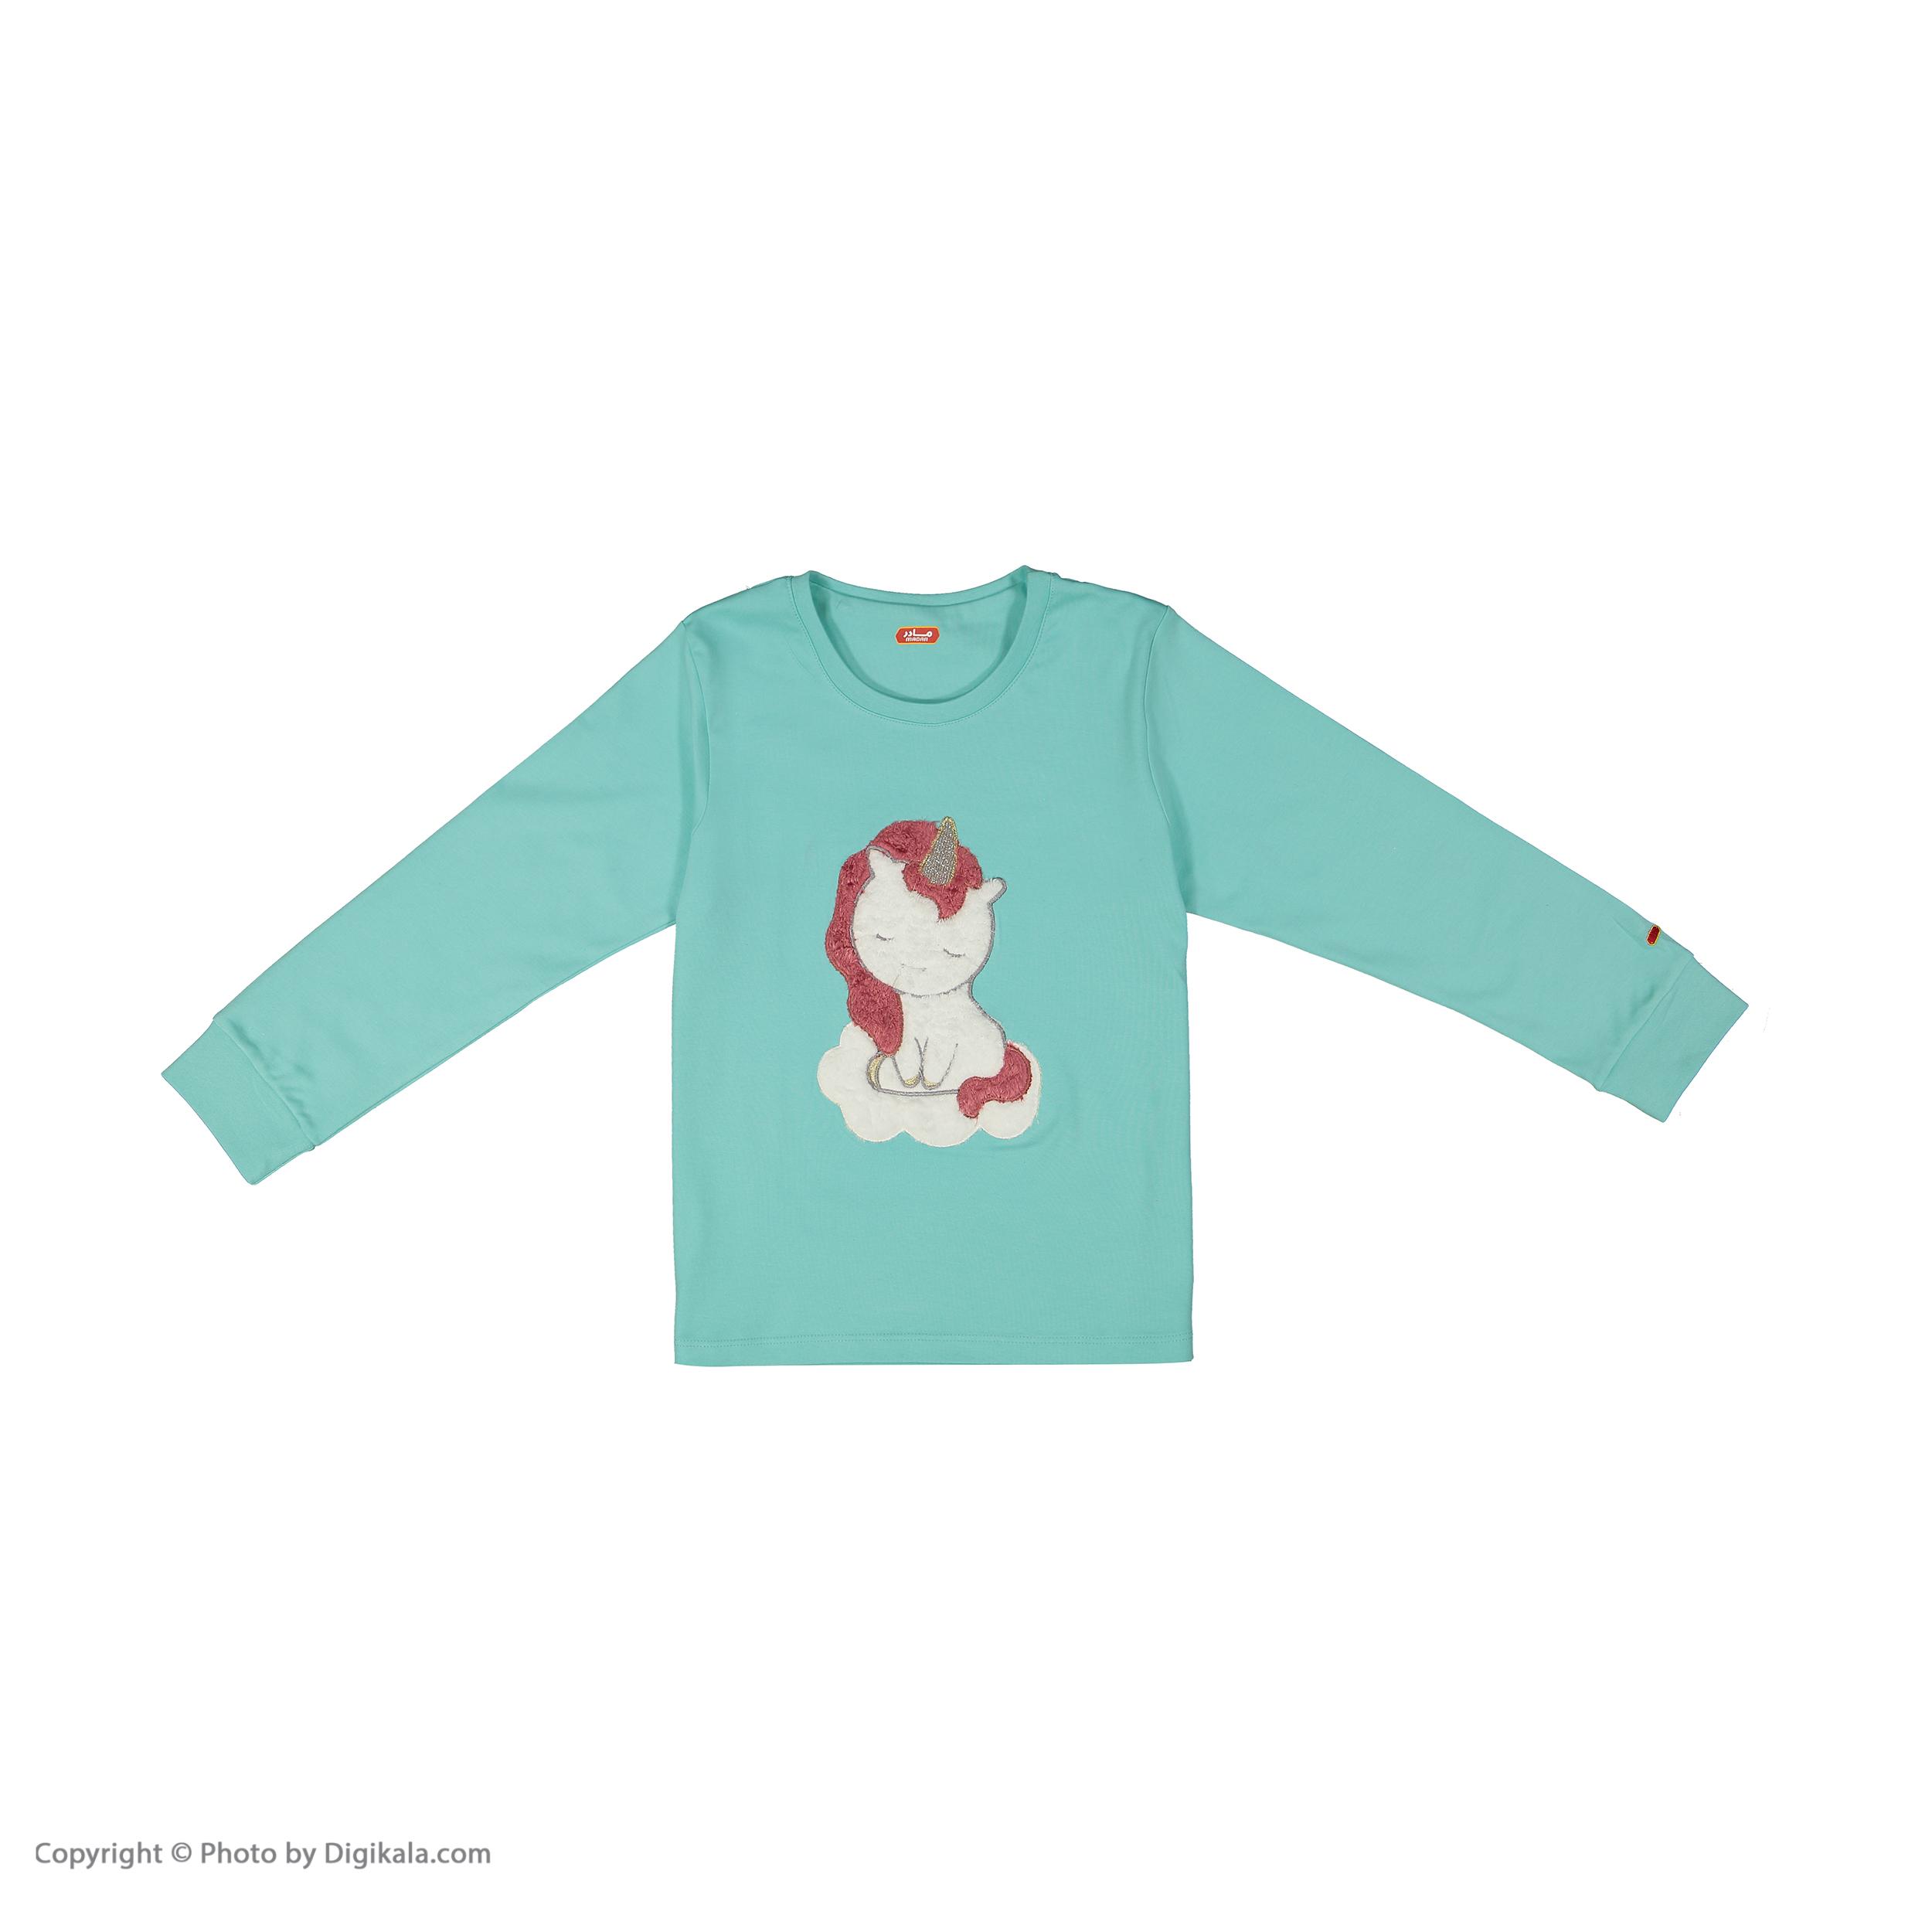 ست تی شرت و شلوار دخترانه مادر مدل 303-54 main 1 4